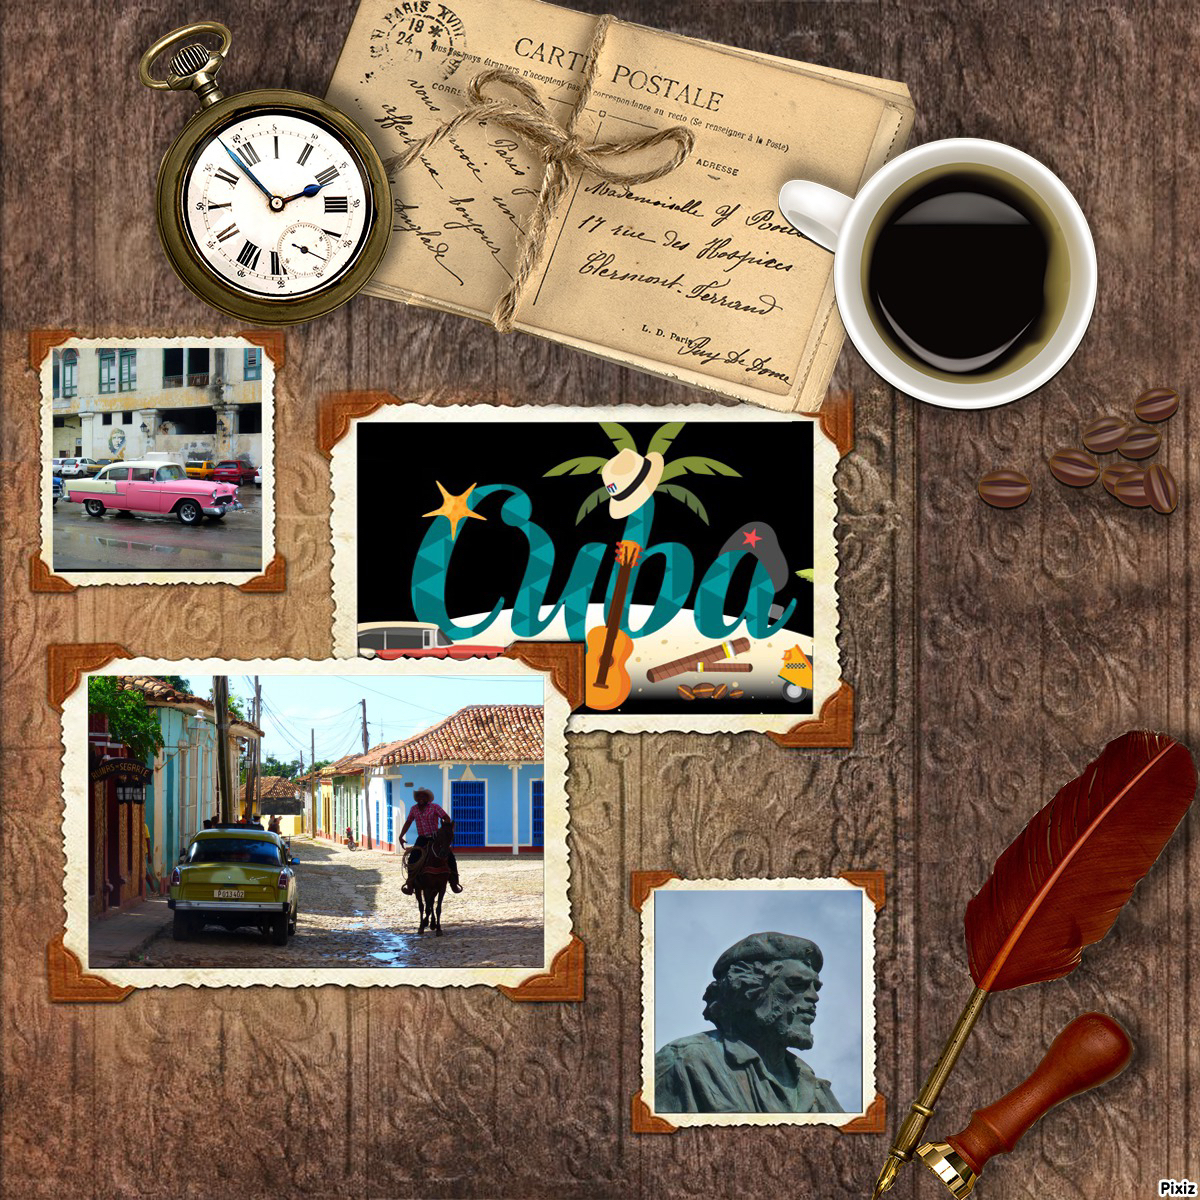 [Carnet de Voyage] Hasta la victoria siempre : Cayo Santa Maria